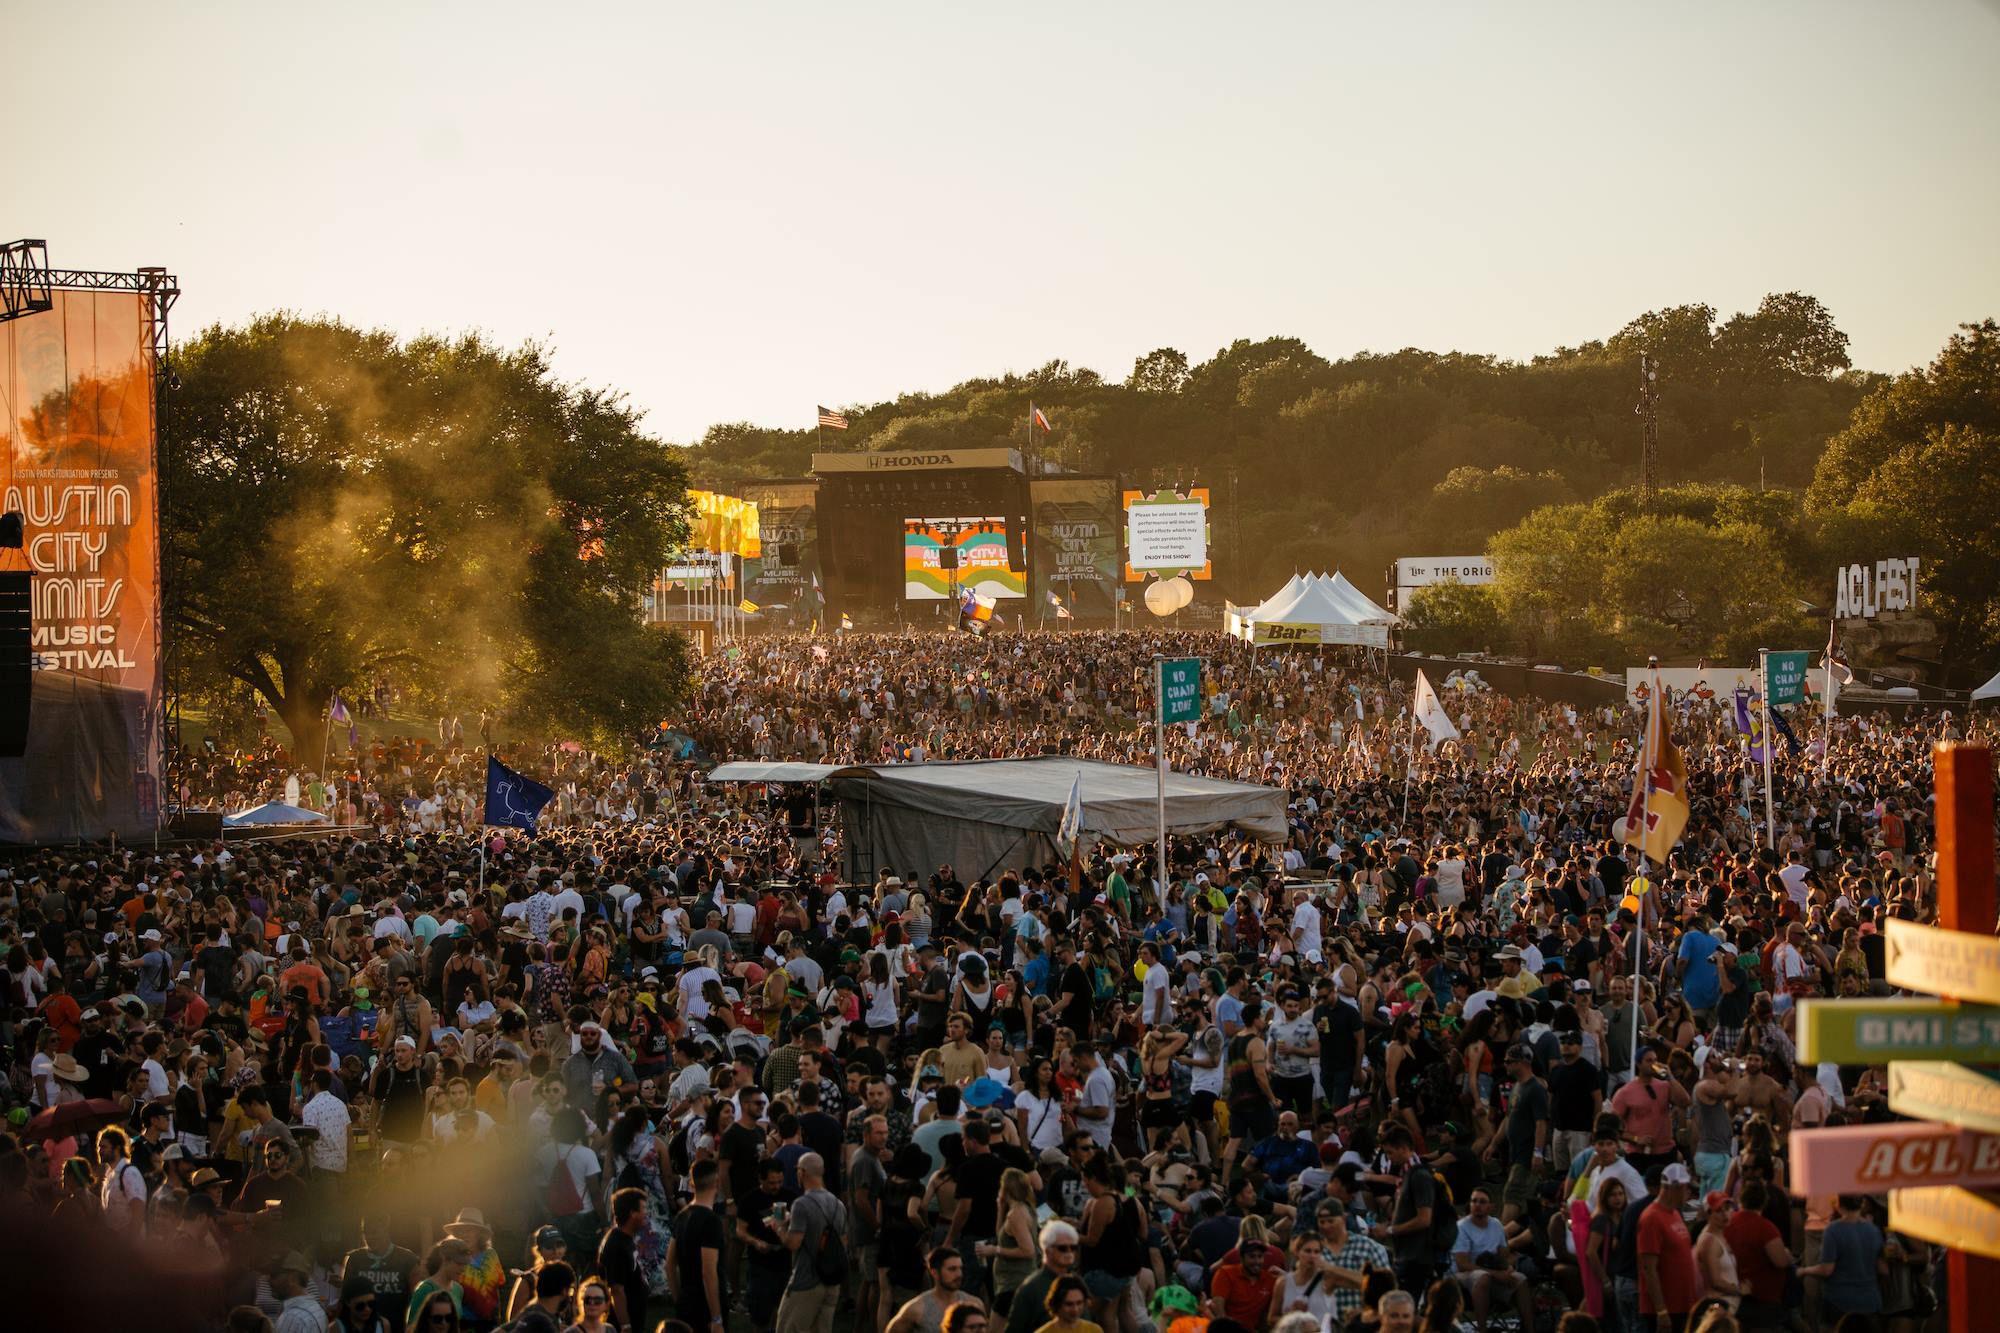 Austin City Limits - Best US Festivals 2020